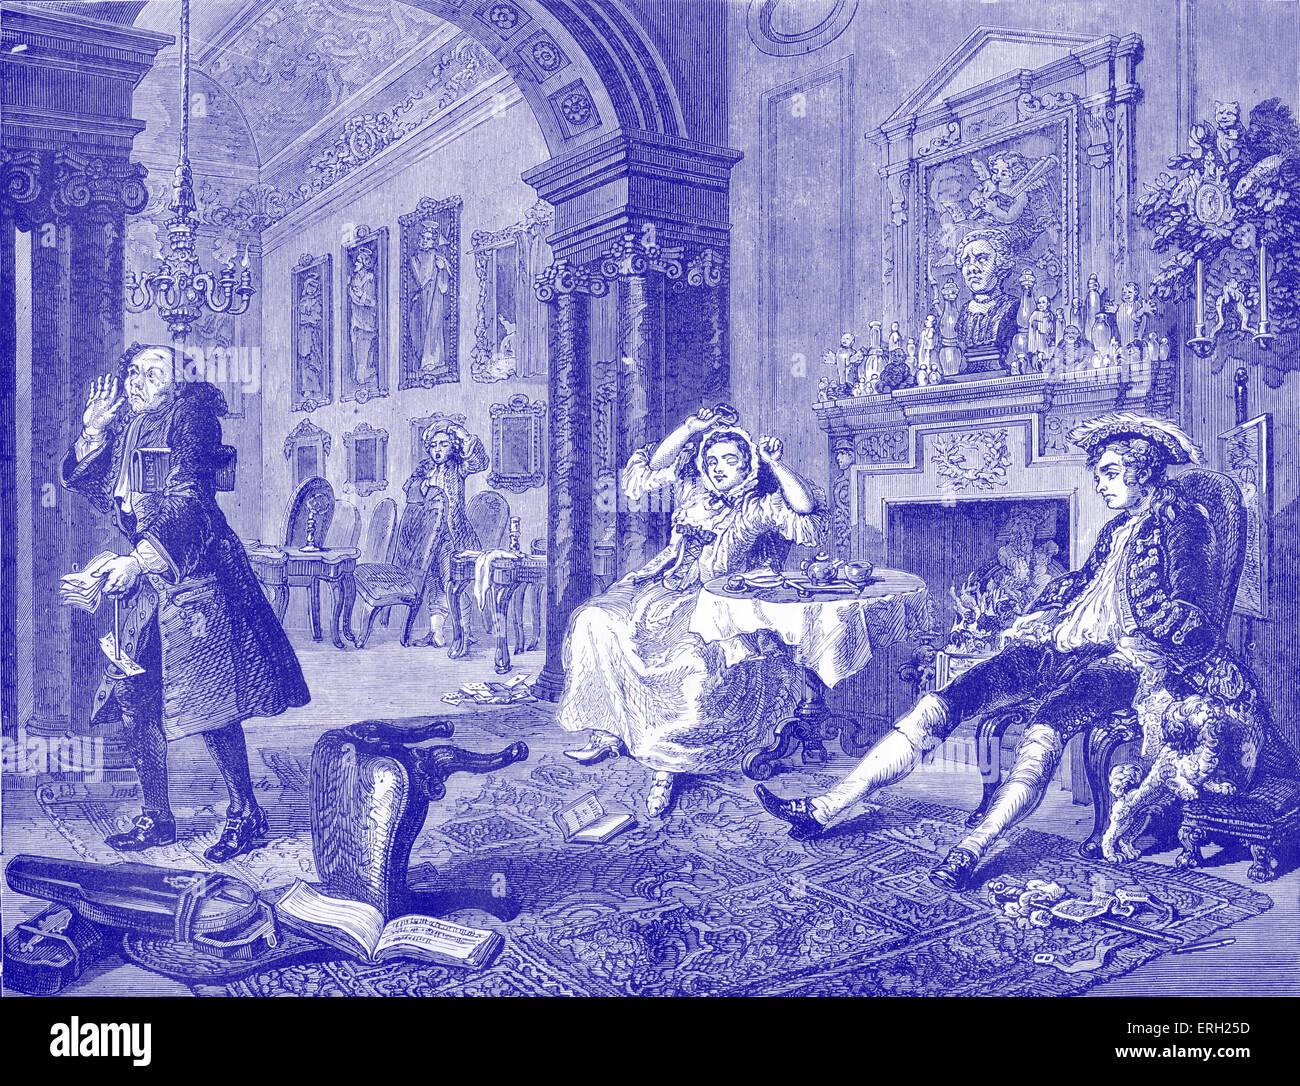 Mariage à la mode - le matin après le grand divertissement. Gravure par William Hogarth, peintre français, Photo Stock